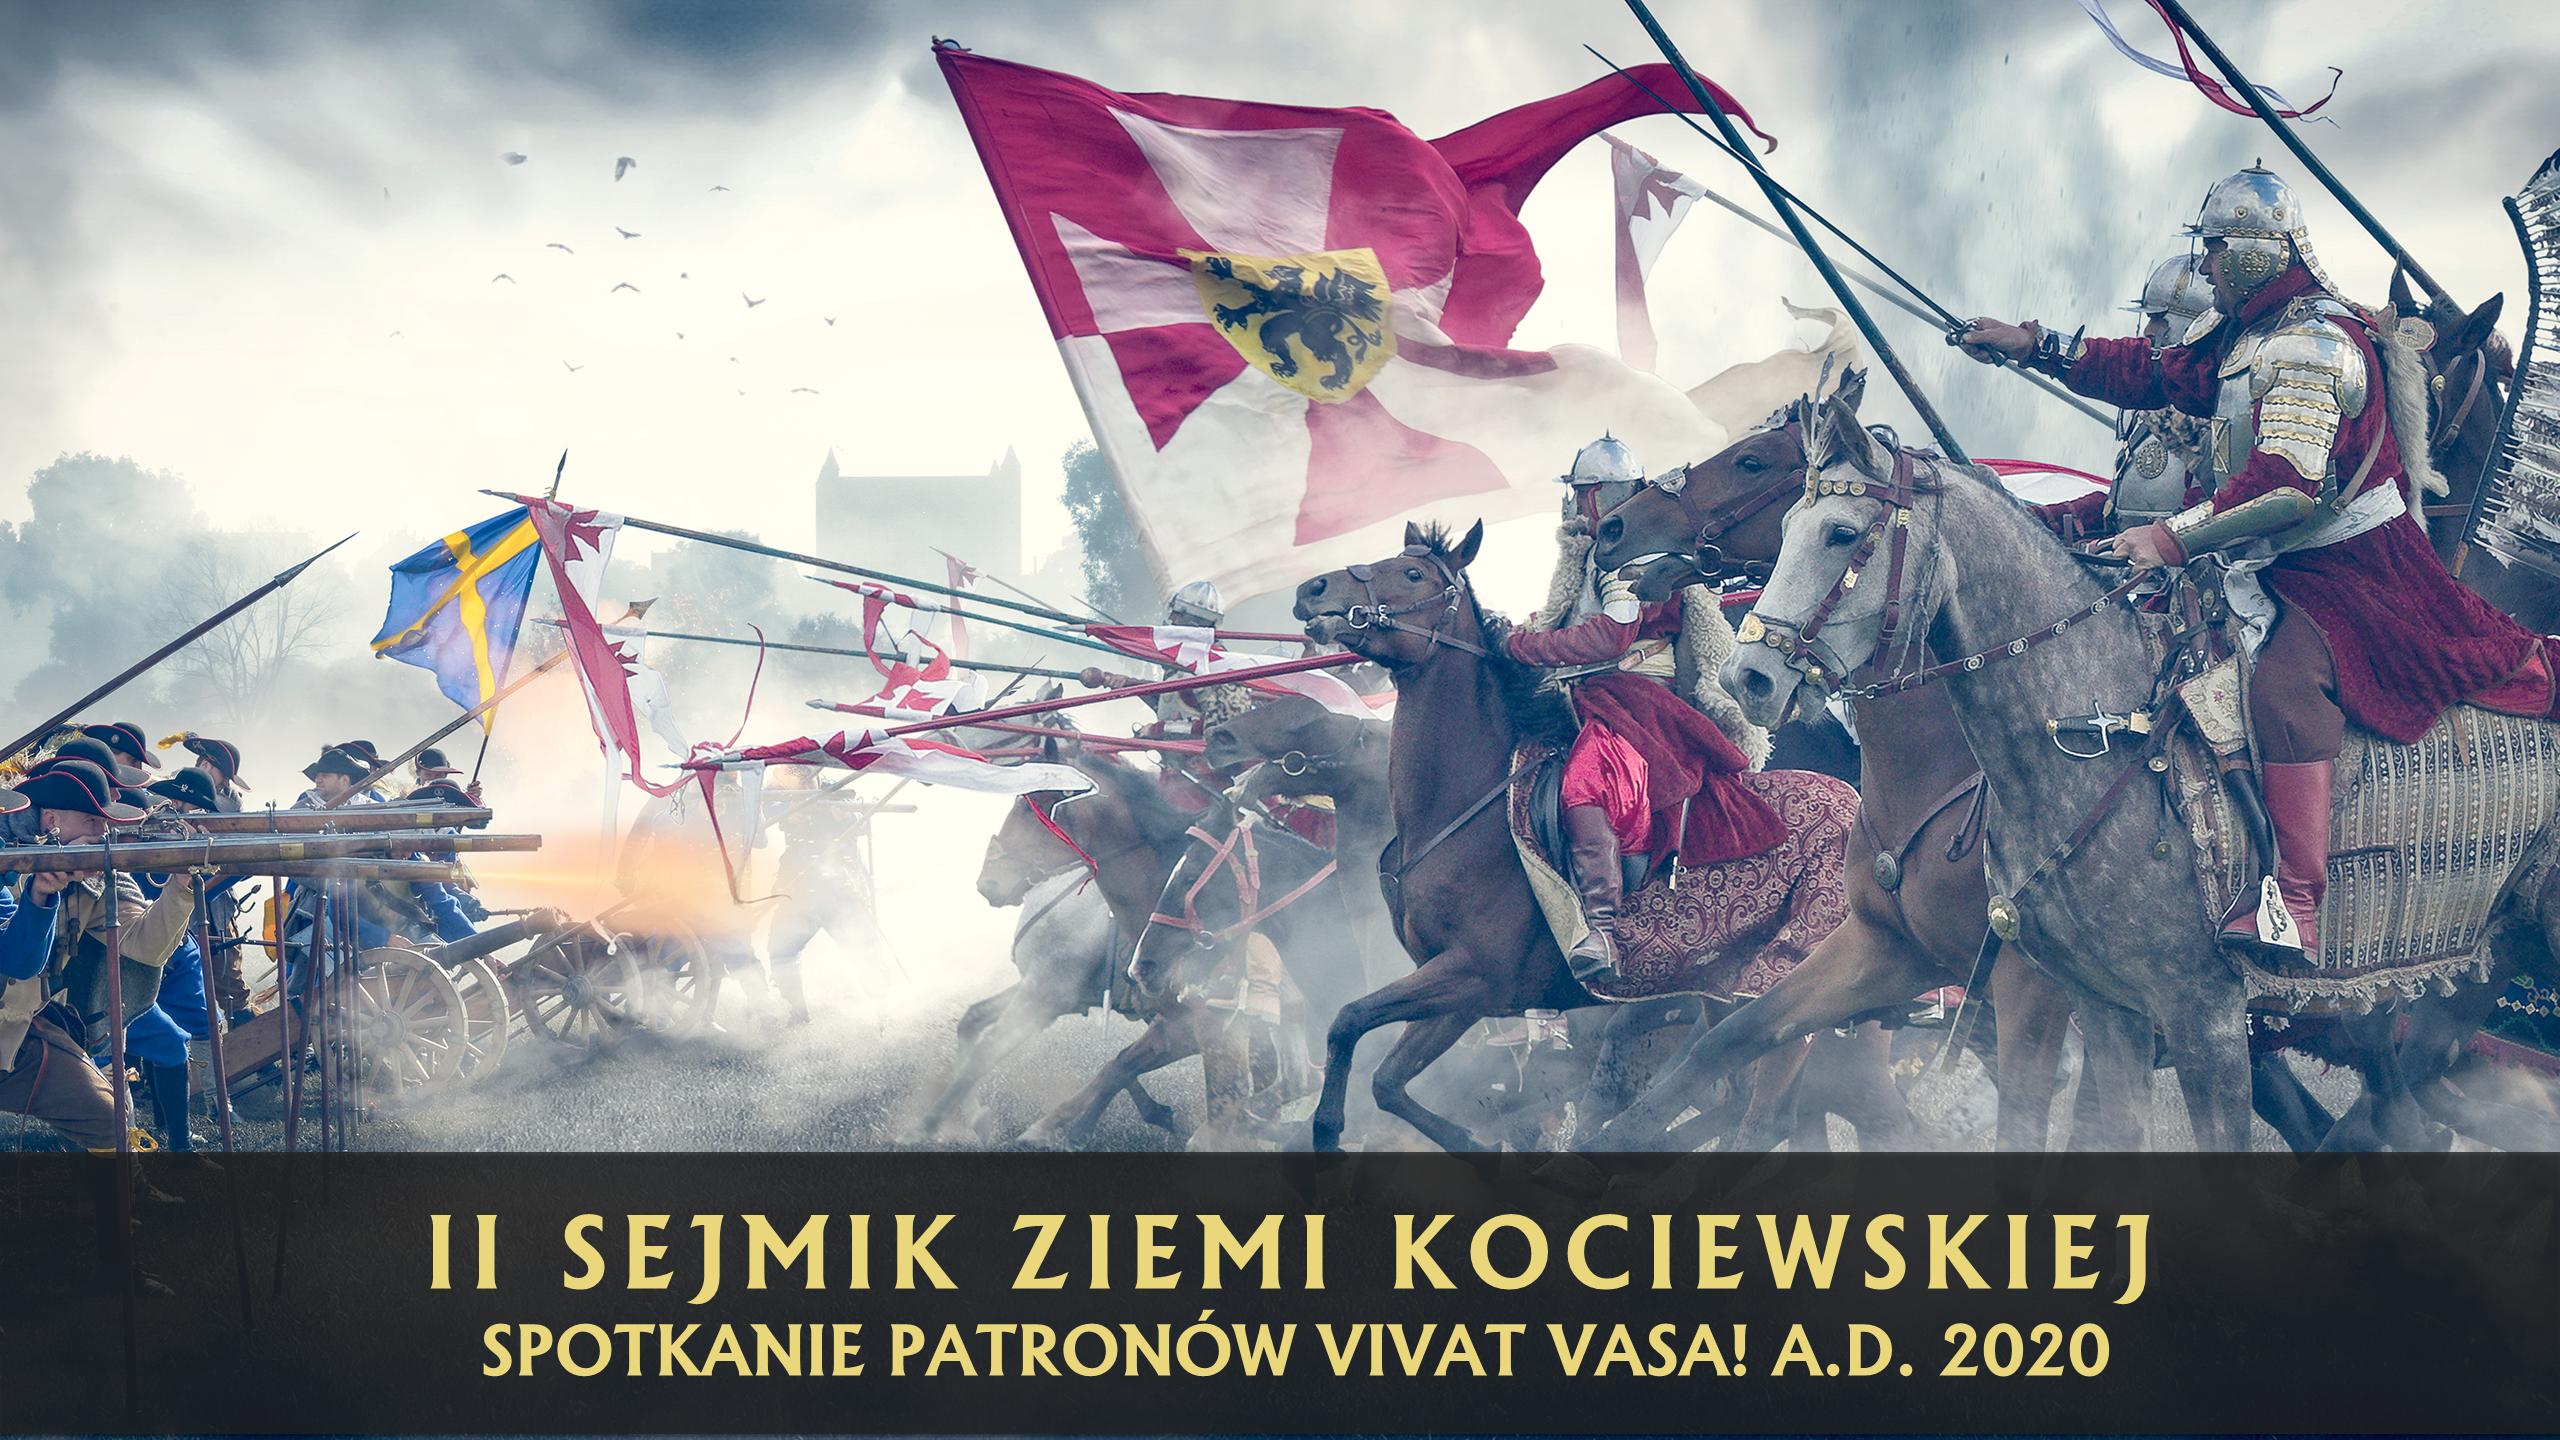 Tło II Sejmik Ziemi Kociewskiej